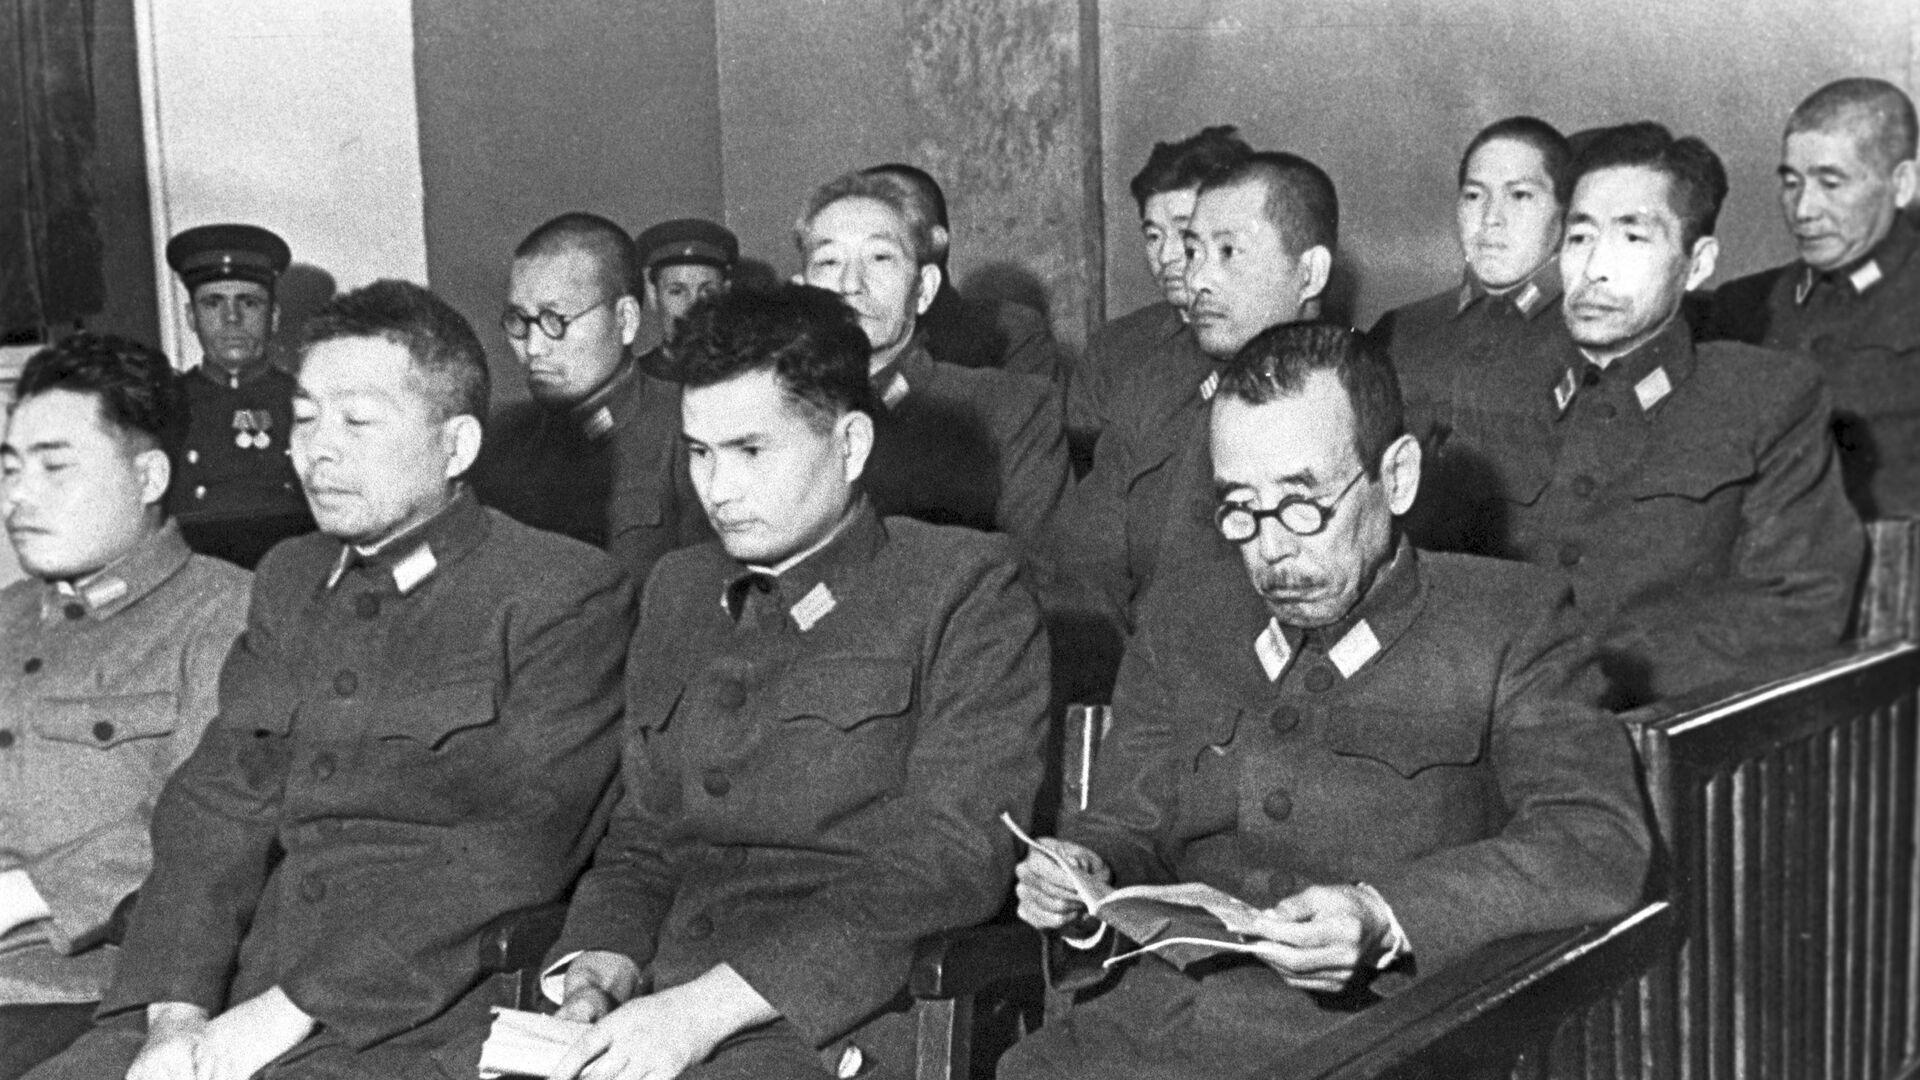 Obžalovaní u soudu v případě bývalého japonského vojenského personálu obviněného z přípravy na použití bakteriologických zbraní. Chabarovsk, 1949 - Sputnik Česká republika, 1920, 20.08.2021